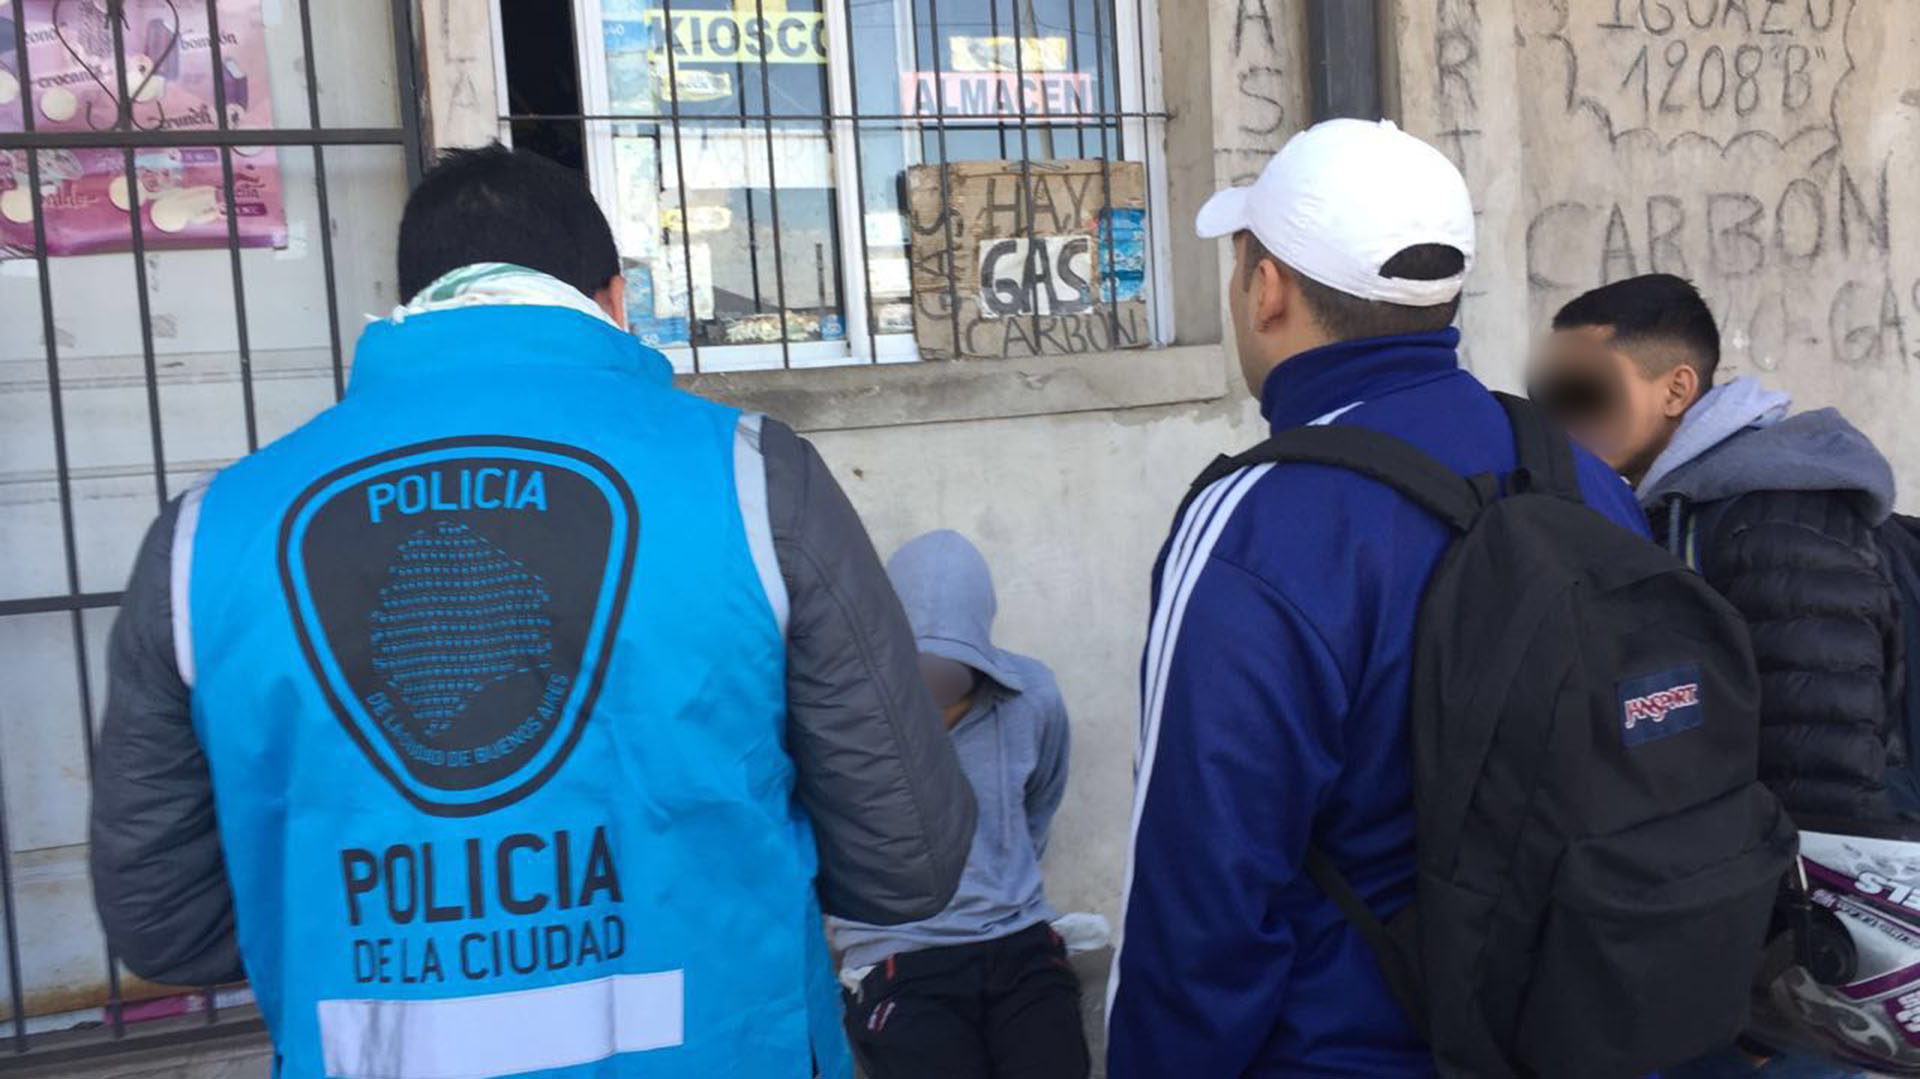 Un agente de la Policía de la Ciudad, junto a los dos detenidos